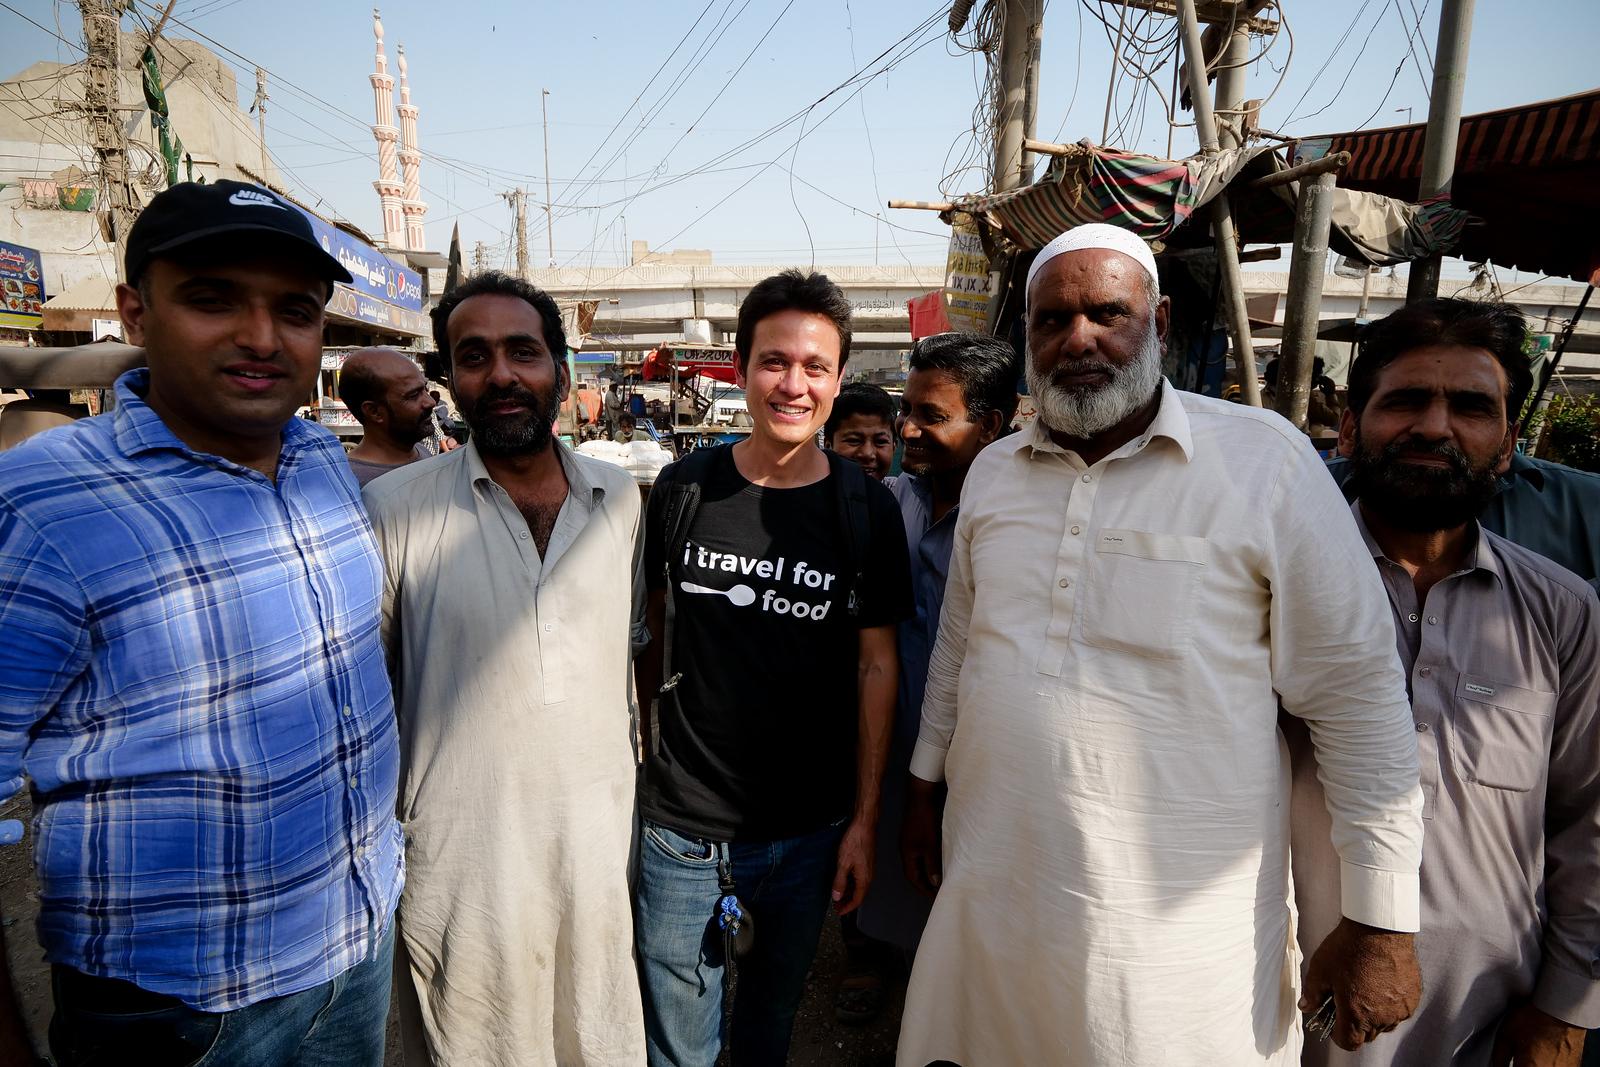 Very friendly people in Karachi, Pakistan